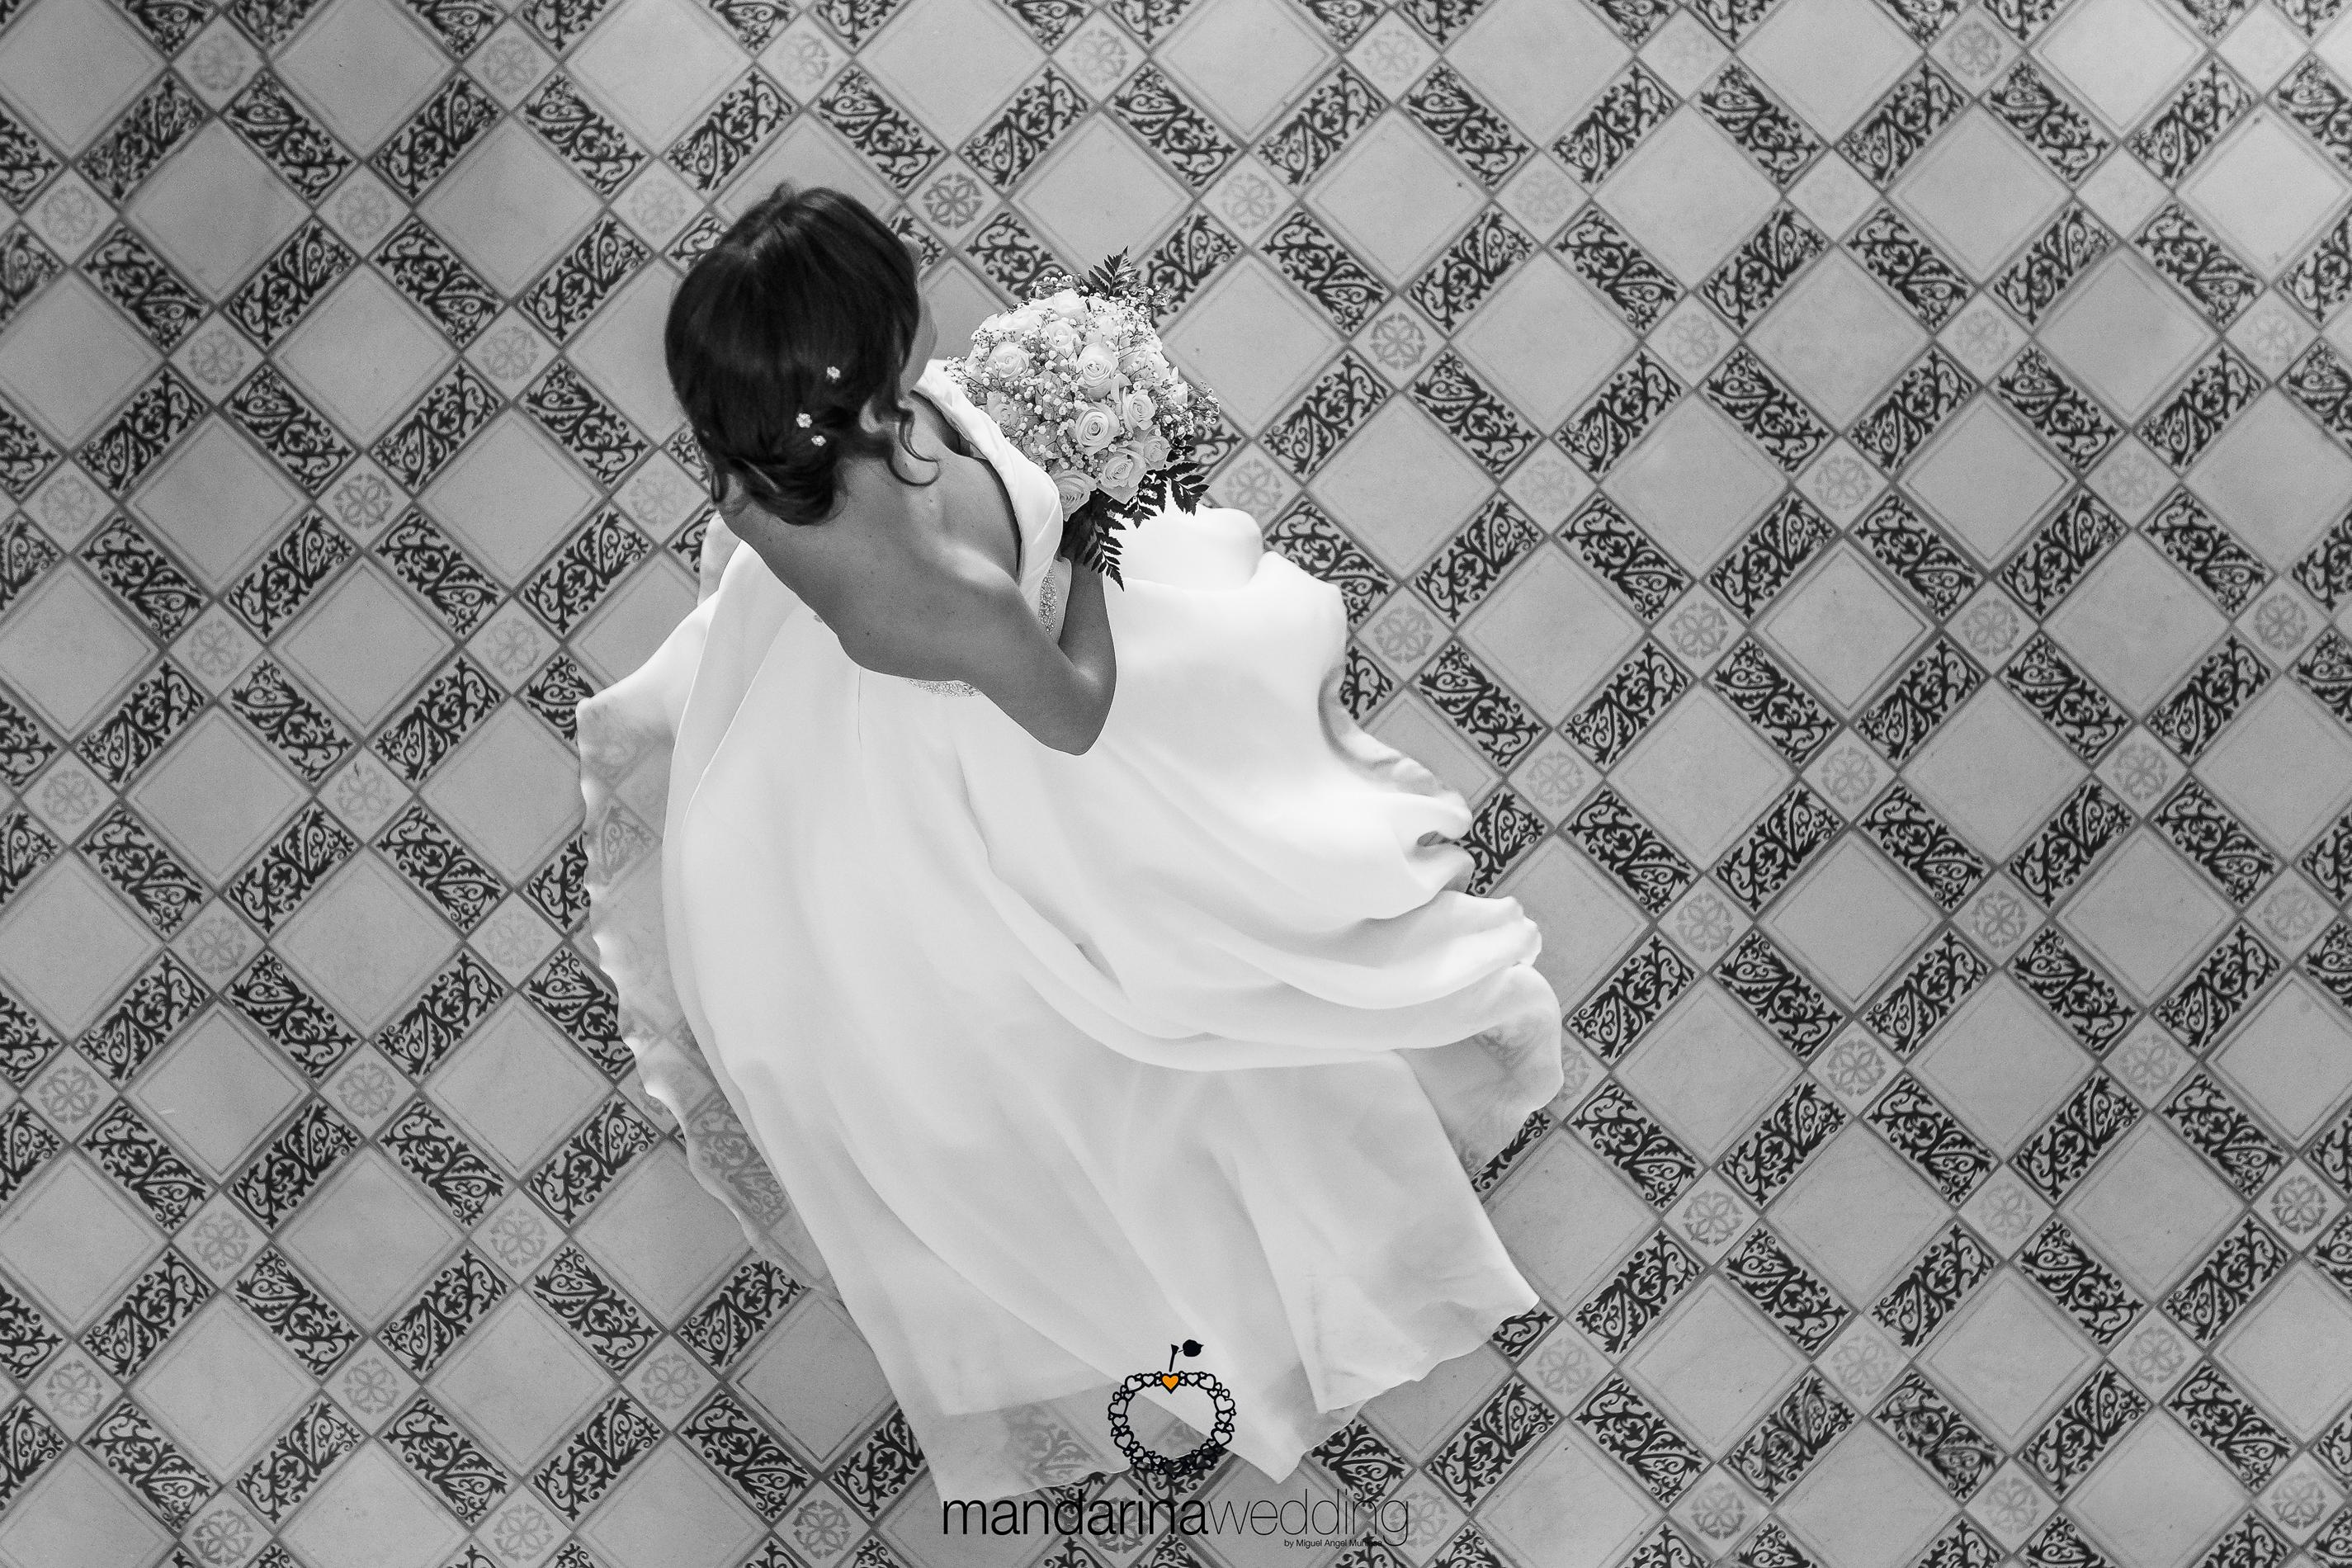 mandarina-wedding-fotografos-boda-zaragoza-bodas-fotografia-de-boda-fotografos-de-boda_19